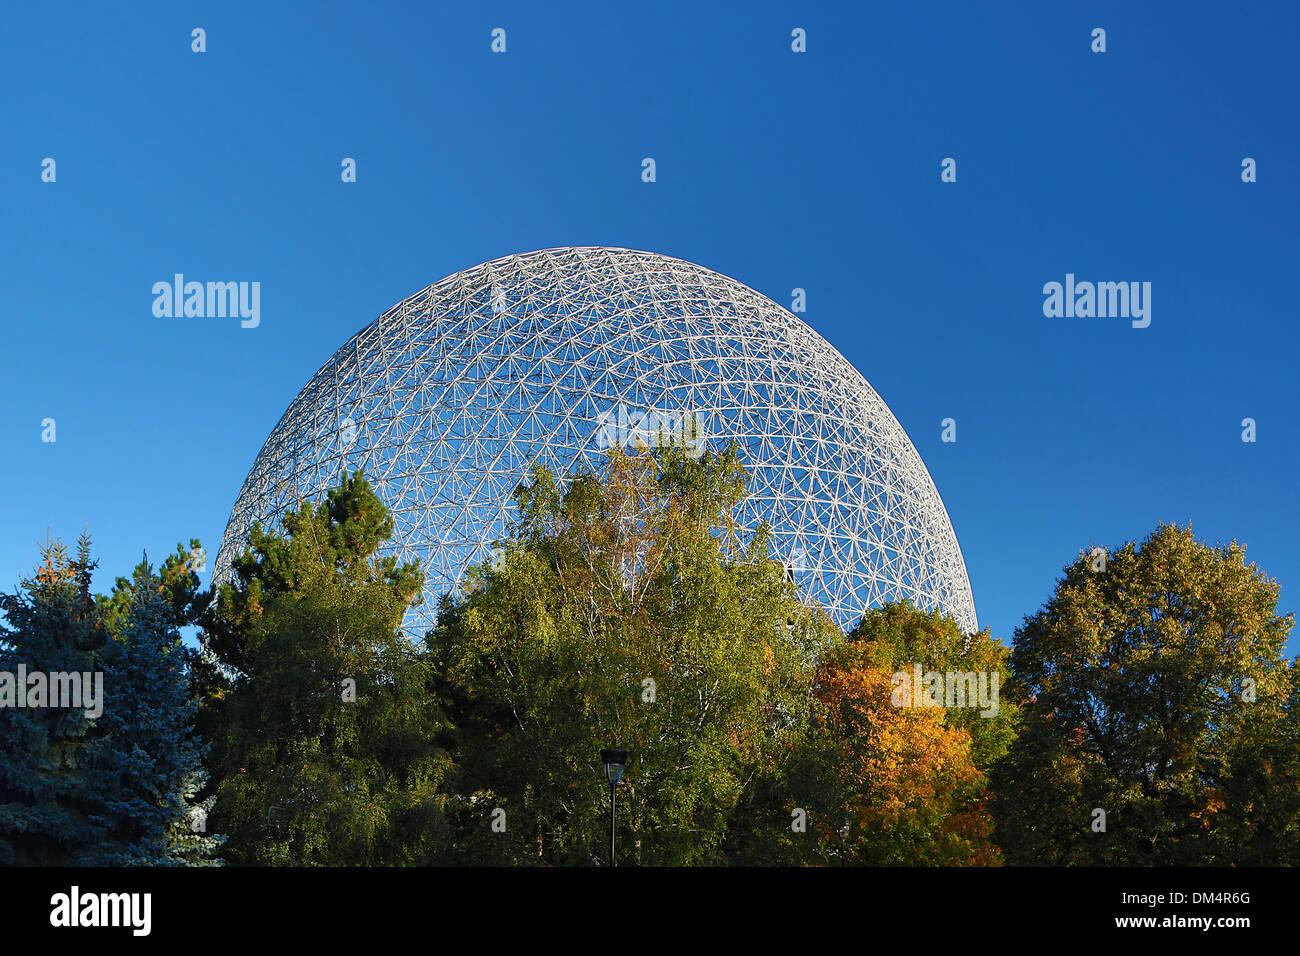 Biosphère, Canada, Amérique du Nord, de l'environnement, Ville de Montréal, Québec, l'architecture, ville, musée, voyages, Biosphère, rond Photo Stock